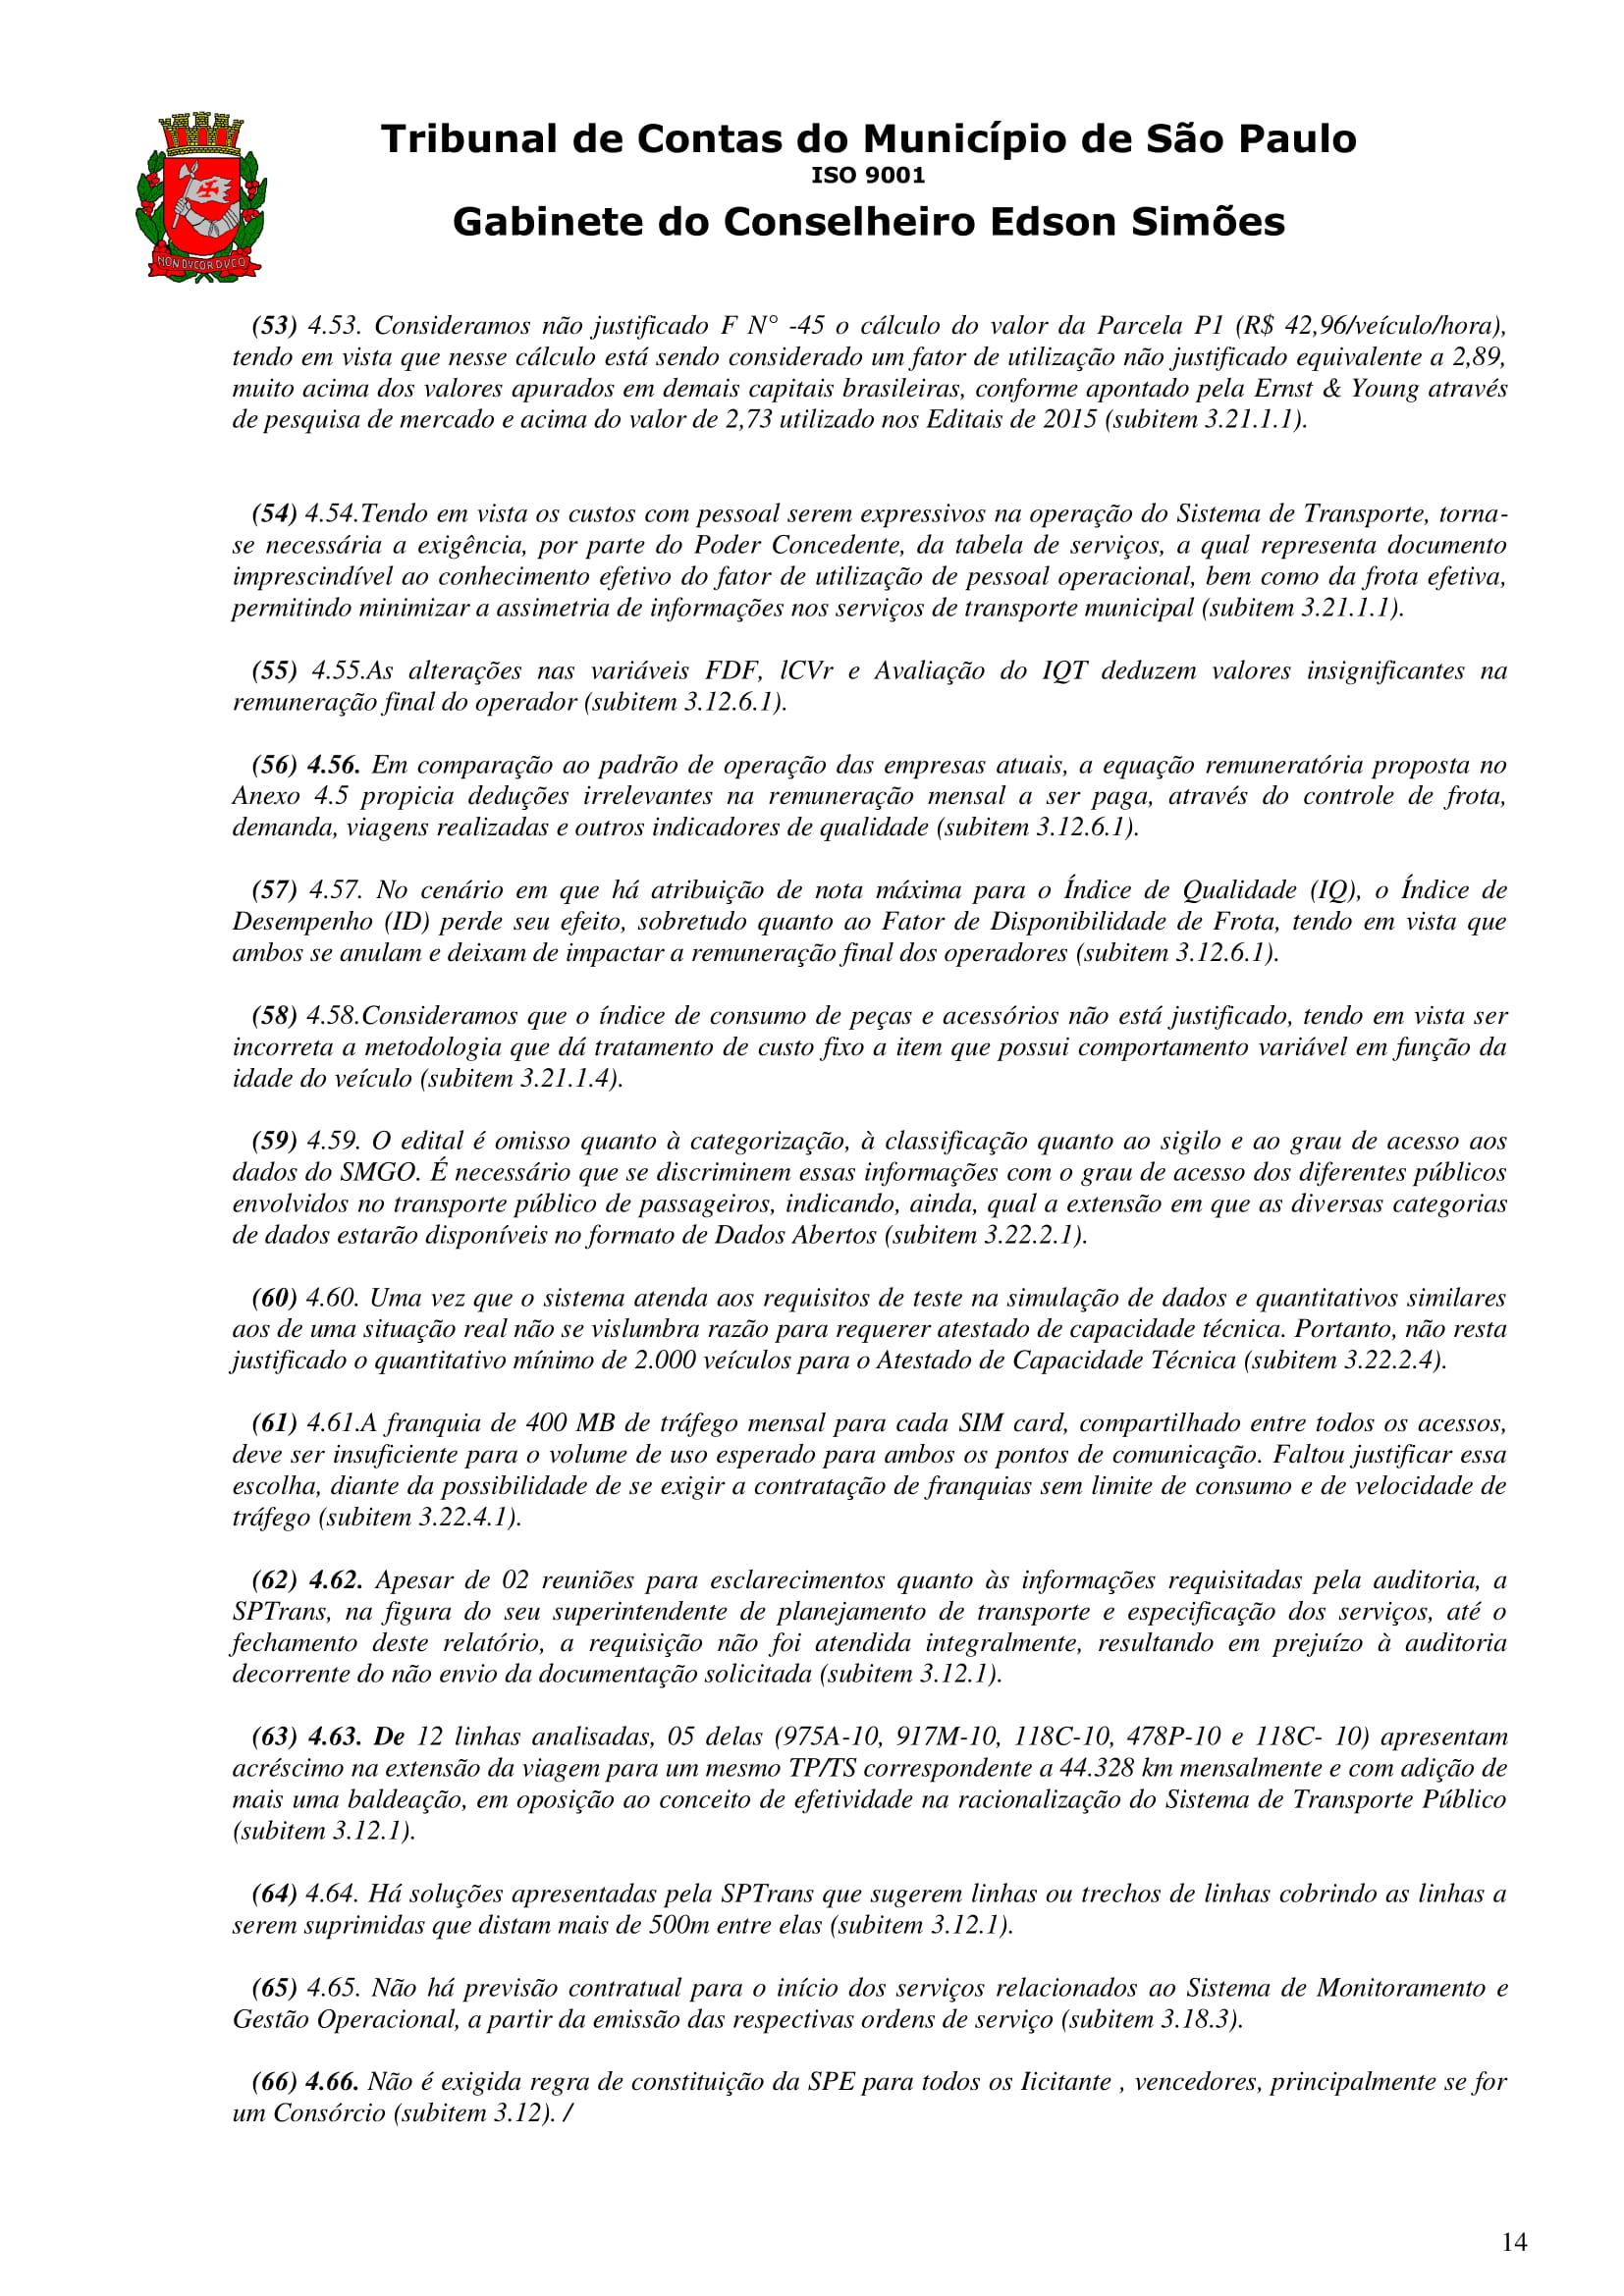 ofício-gb-2038-18 (Concessão Ônibus 2018) – SMT 08.08.18 – pdf-14